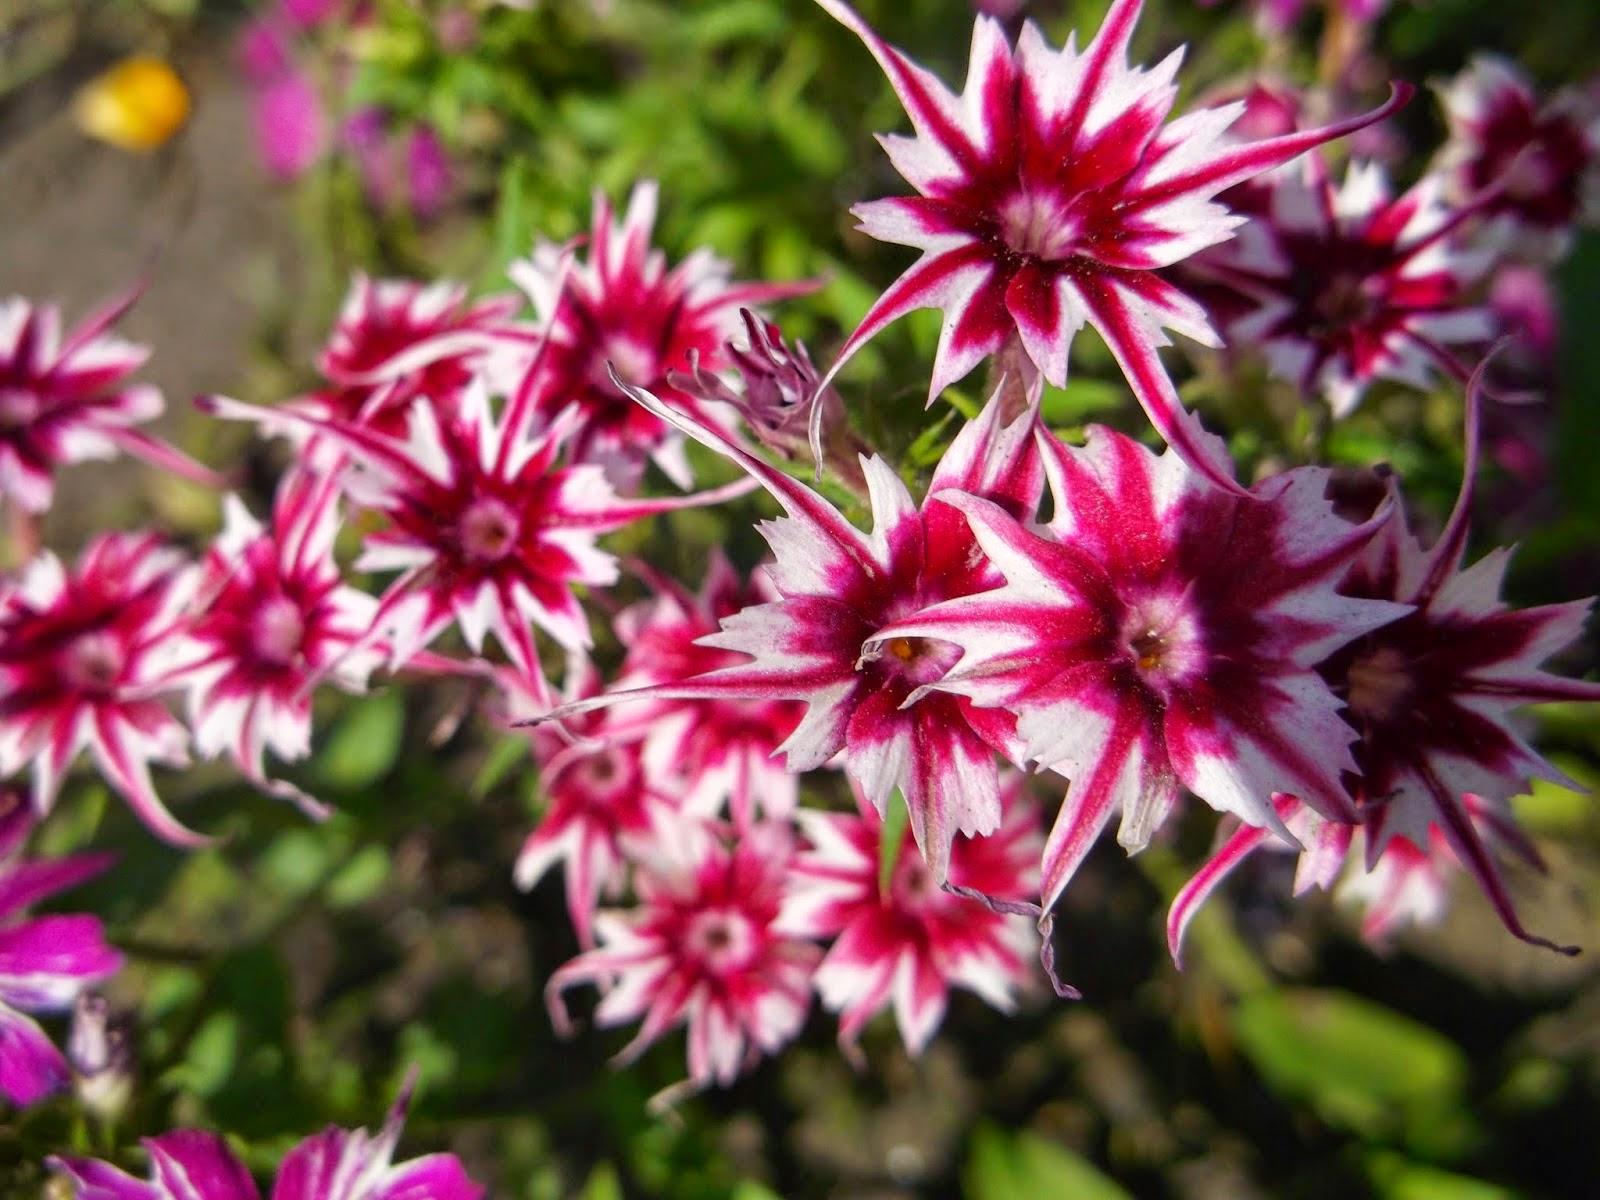 Равноплодник: описание, размножение, уход, посадка, применение в саду, фото, сорта и виды